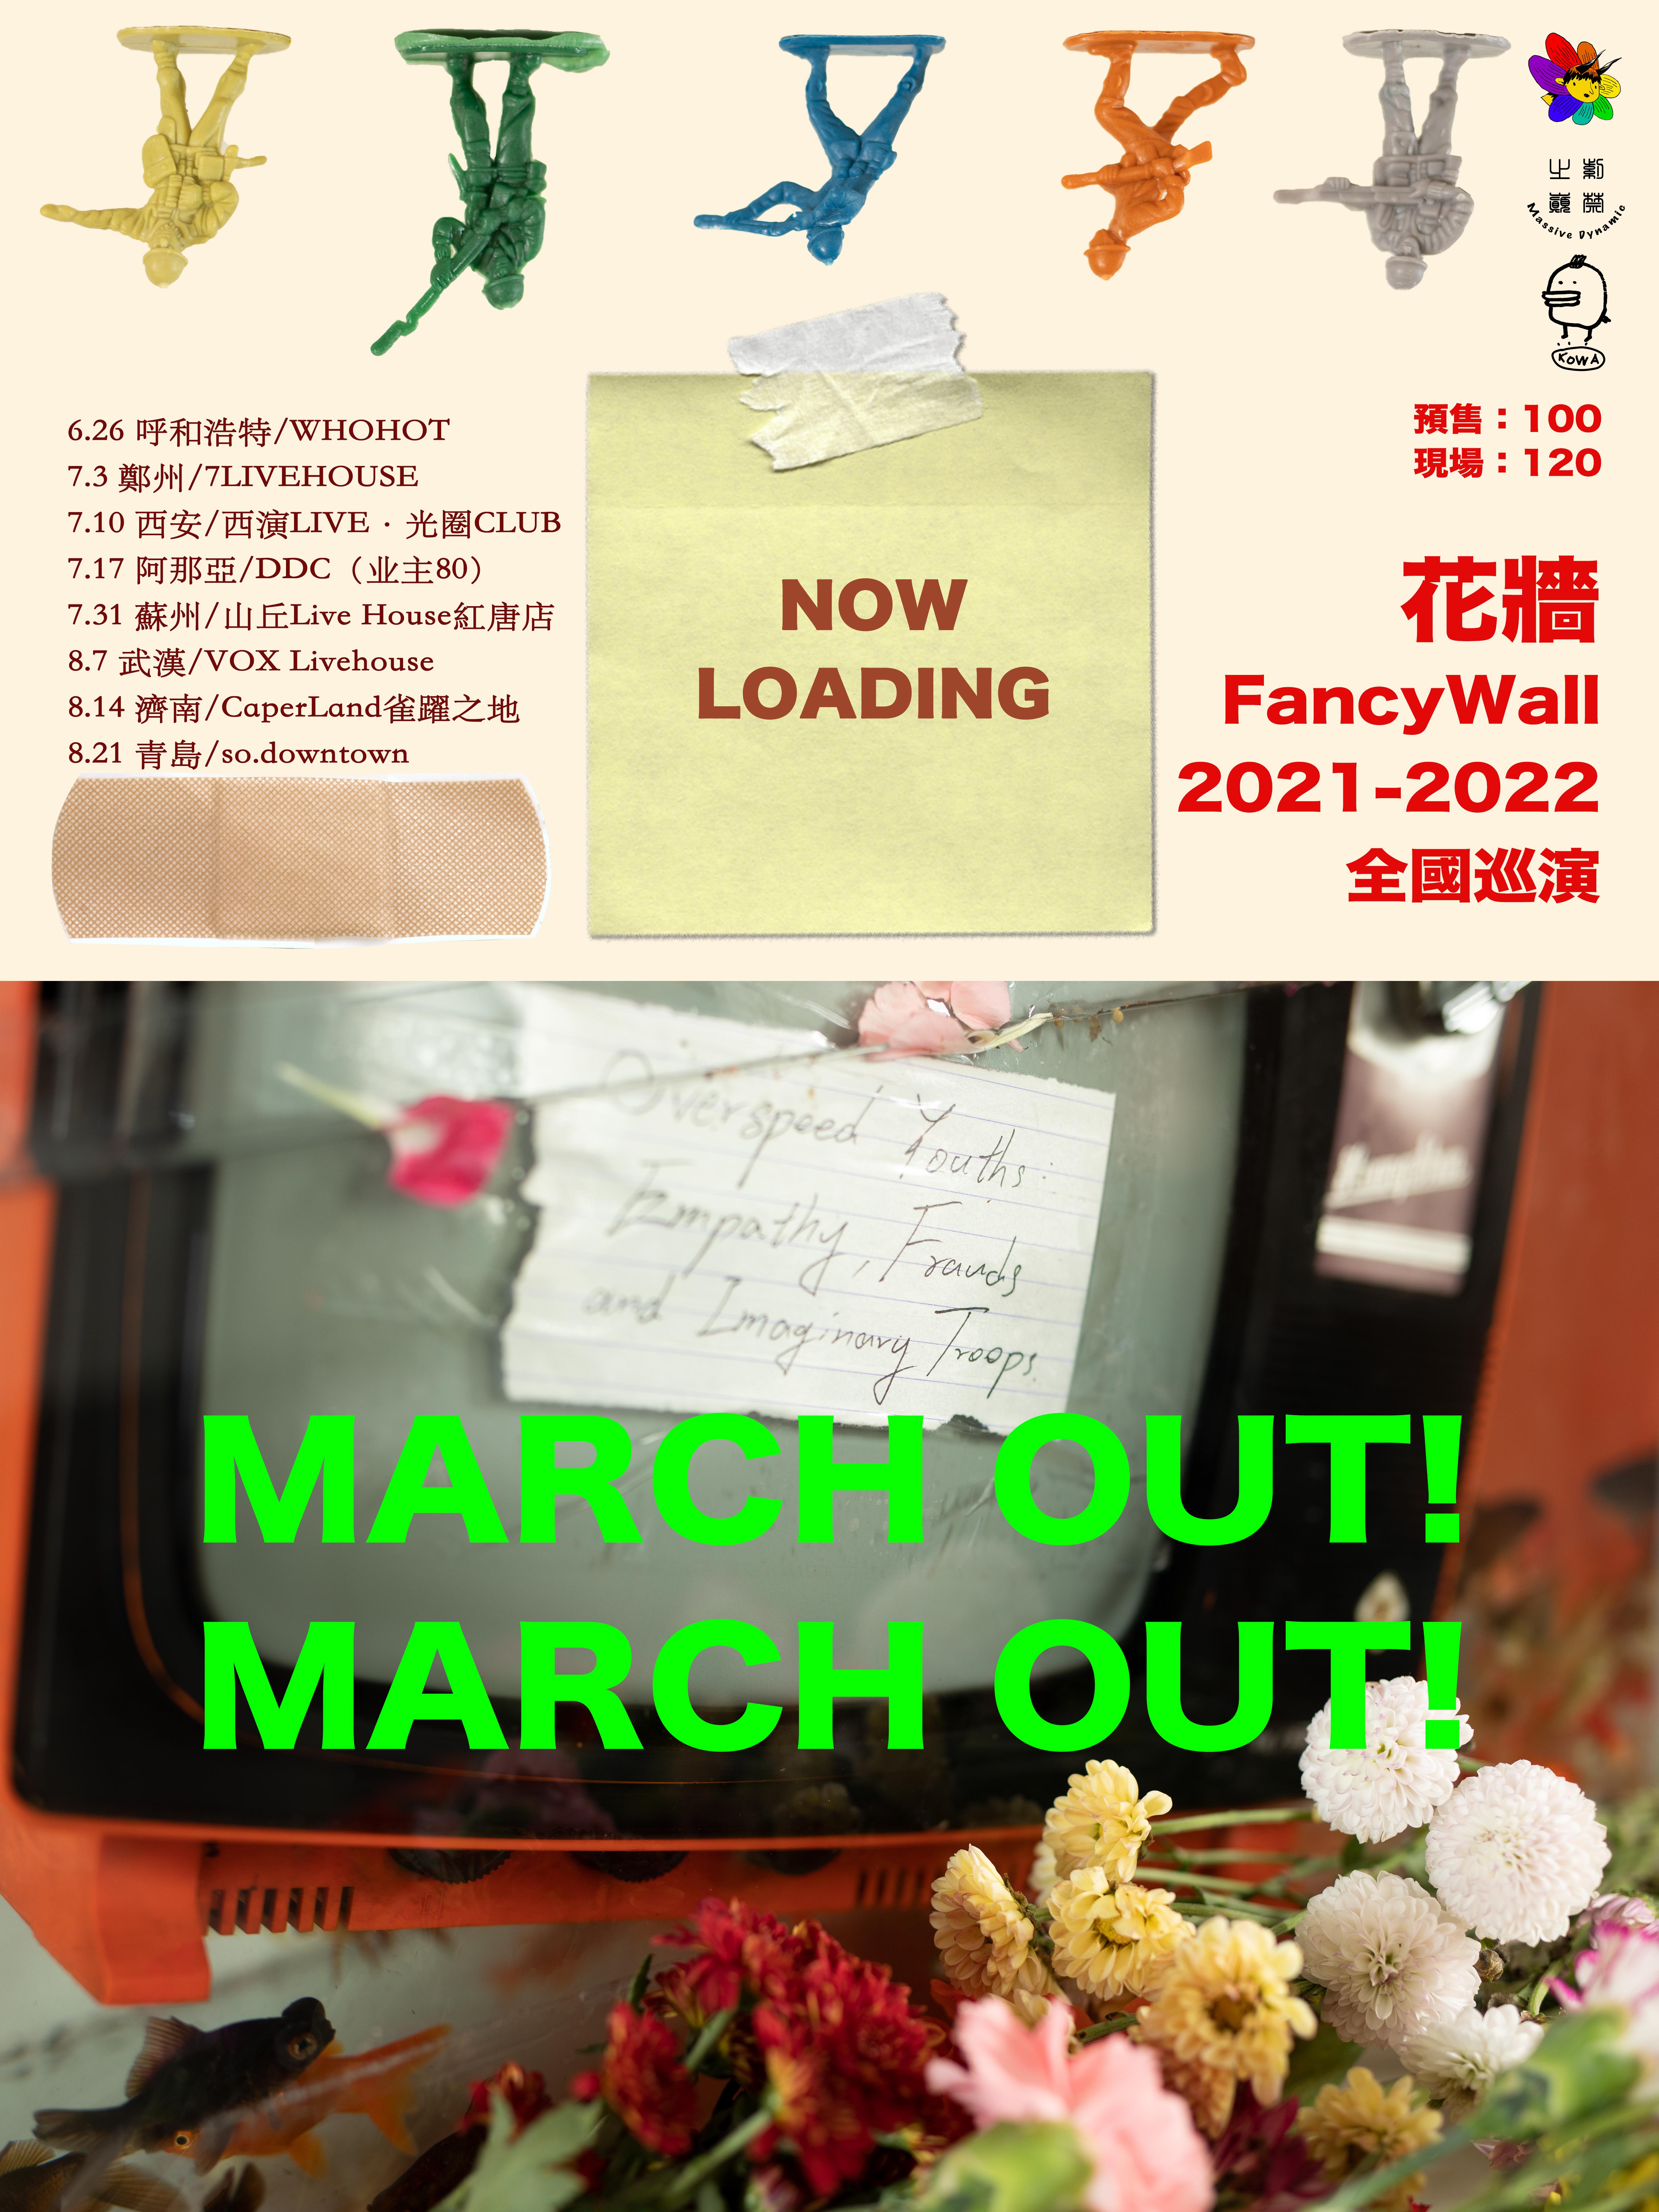 【苏州站】「花墙FancyWall」《MARCH OUT! MARCH OUT!》2021巡演LVH